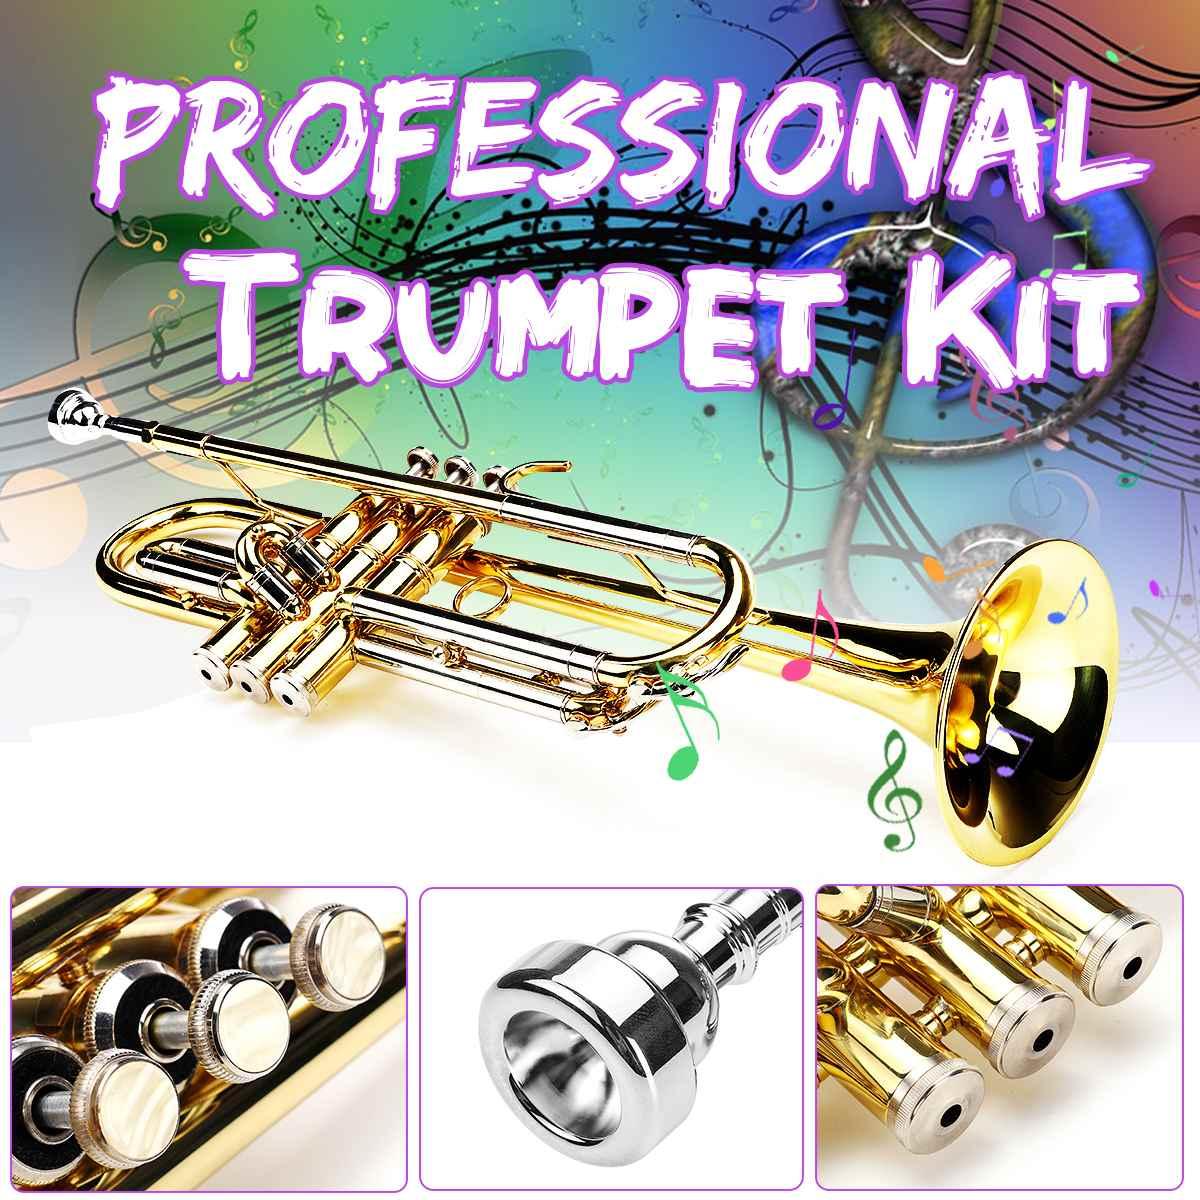 Bb professionnel trompette Kit laiton bande Instrument avec sac étudiant musique outil B plat jouets cadeau Instrument de musique trompette accès